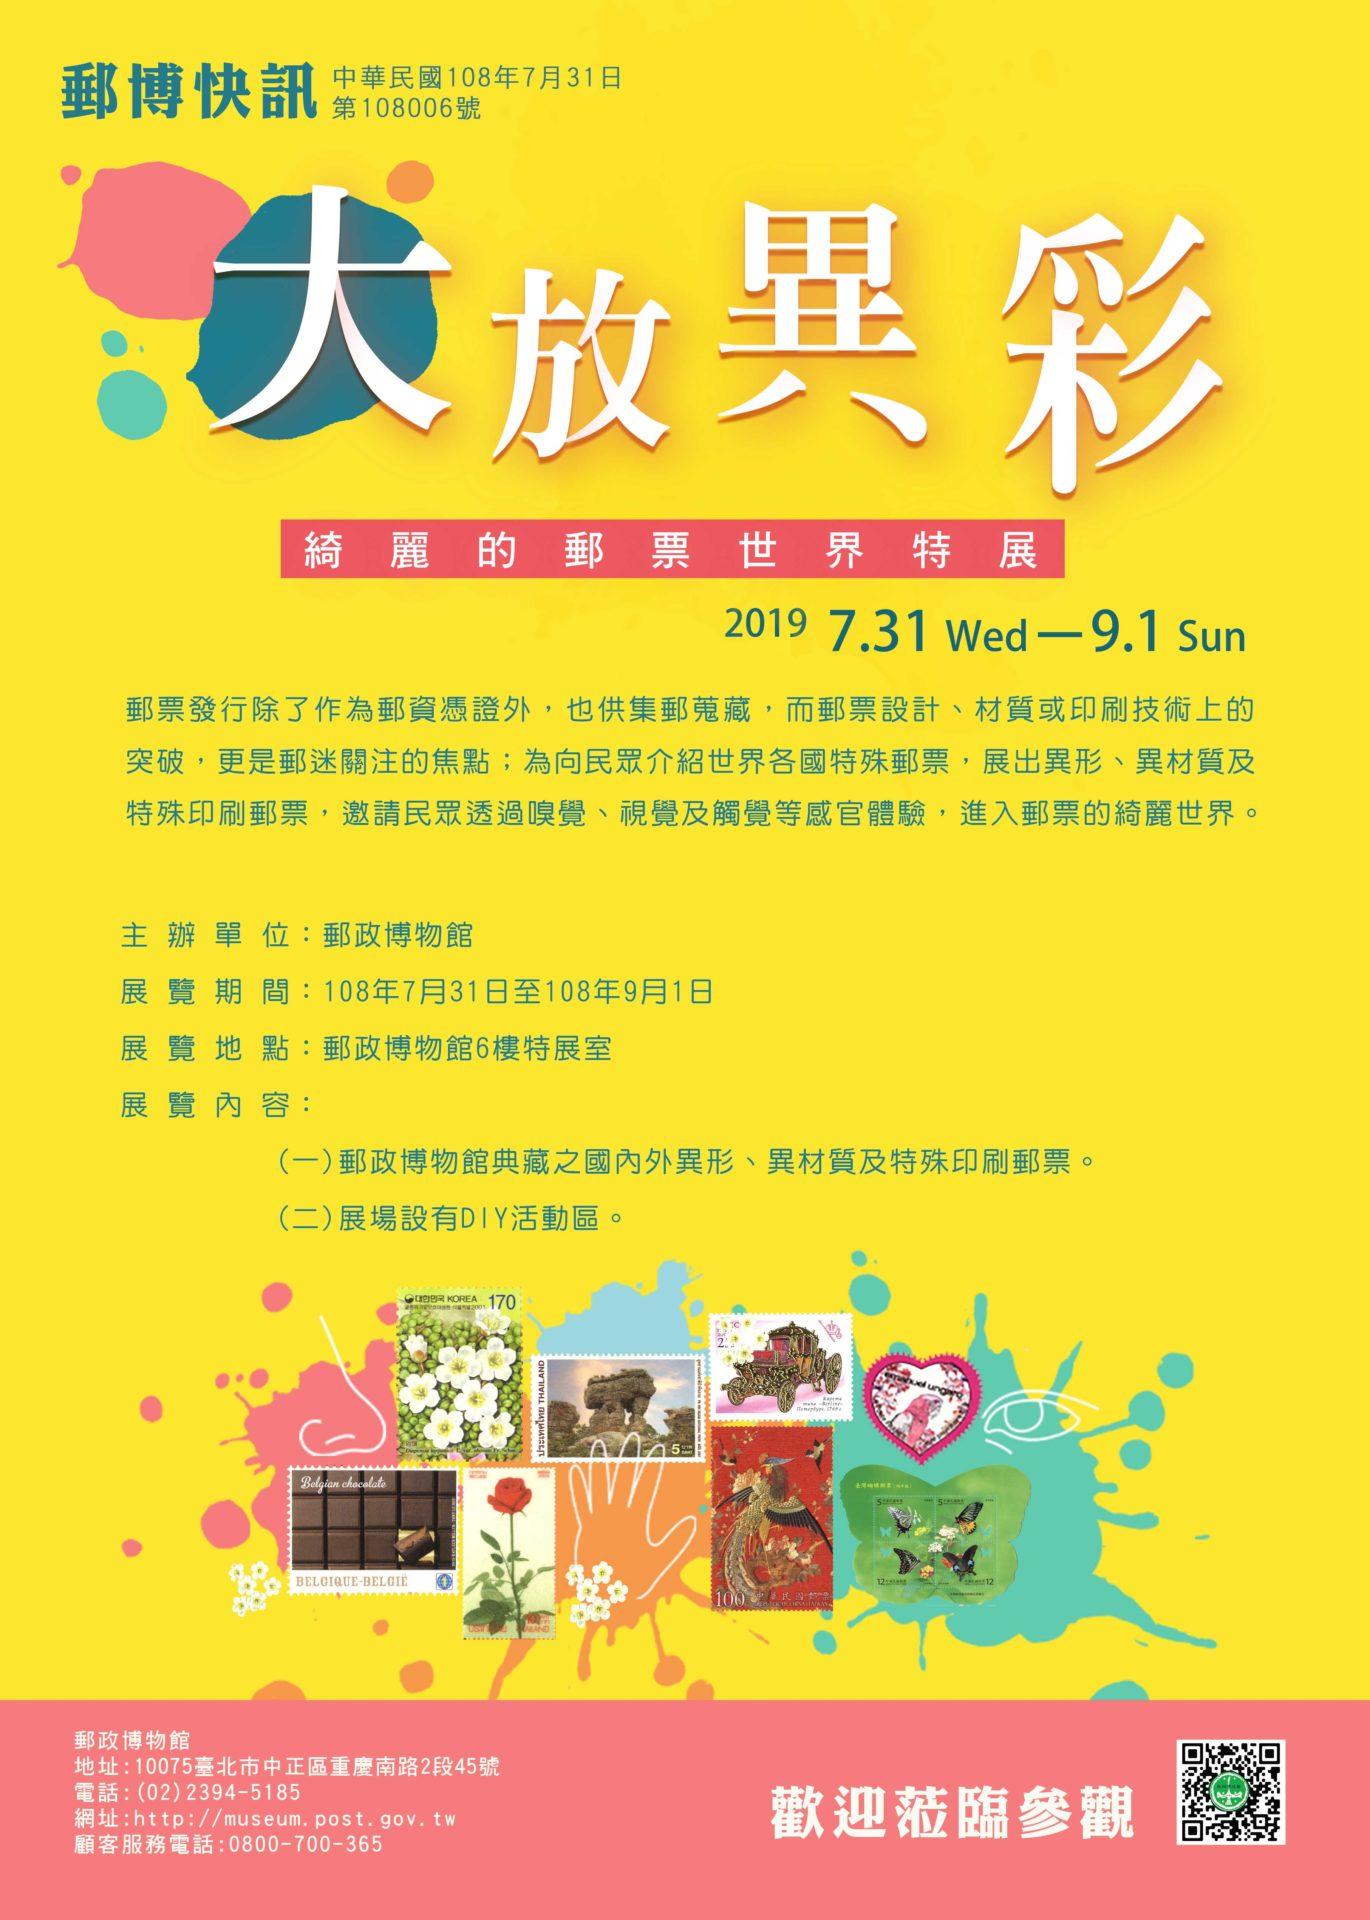 郵政博物館:2019/7/31-9/1【大放異彩-綺麗的郵票世界特展】